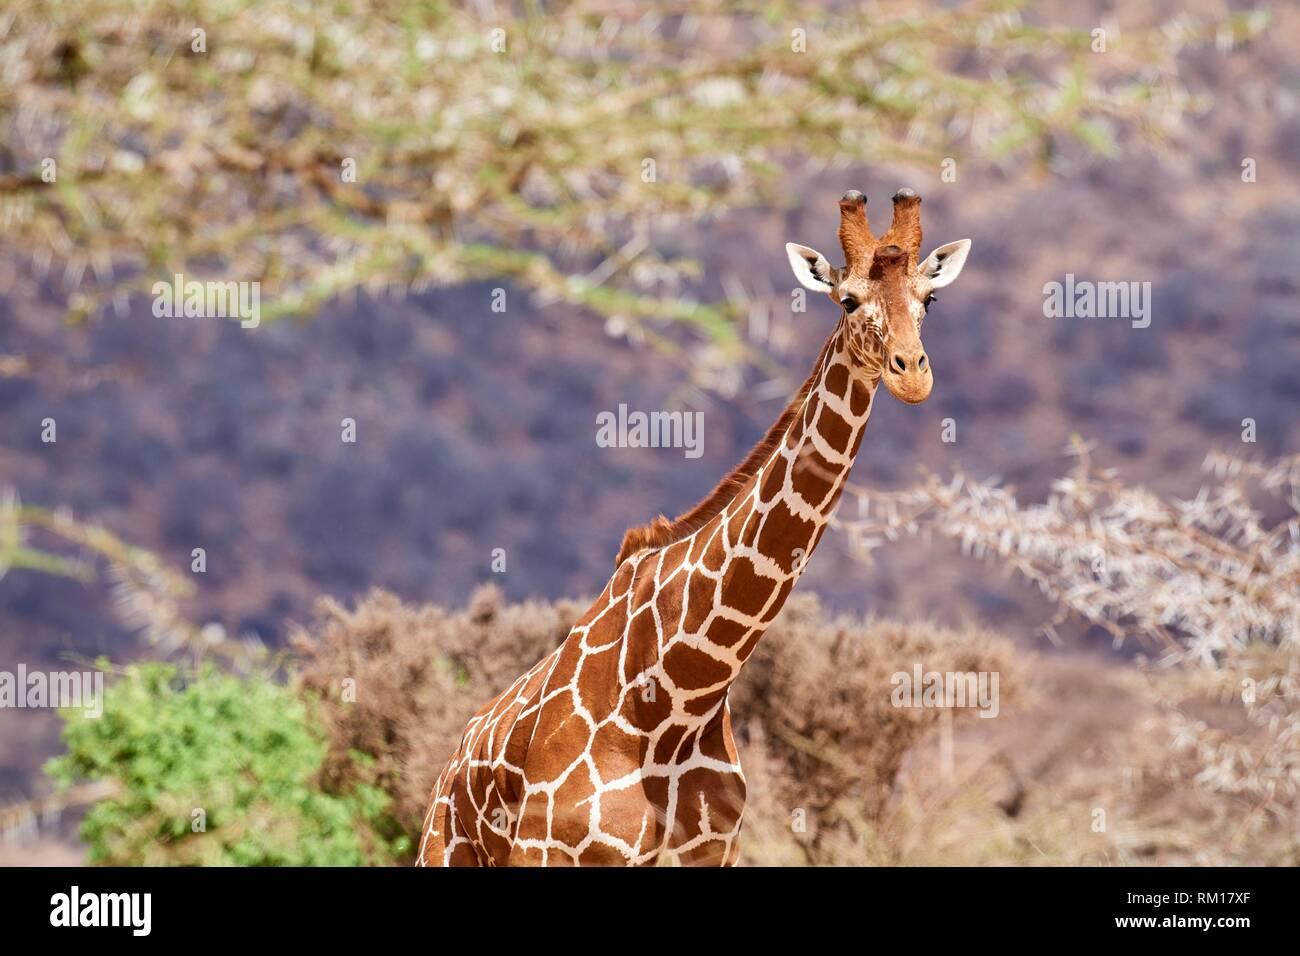 Giraffa reticolata {Giraffa camelopardalis reticulata} della testa e del collo, Samburu riserva nazionale, Kenya, Africa. Foto Stock